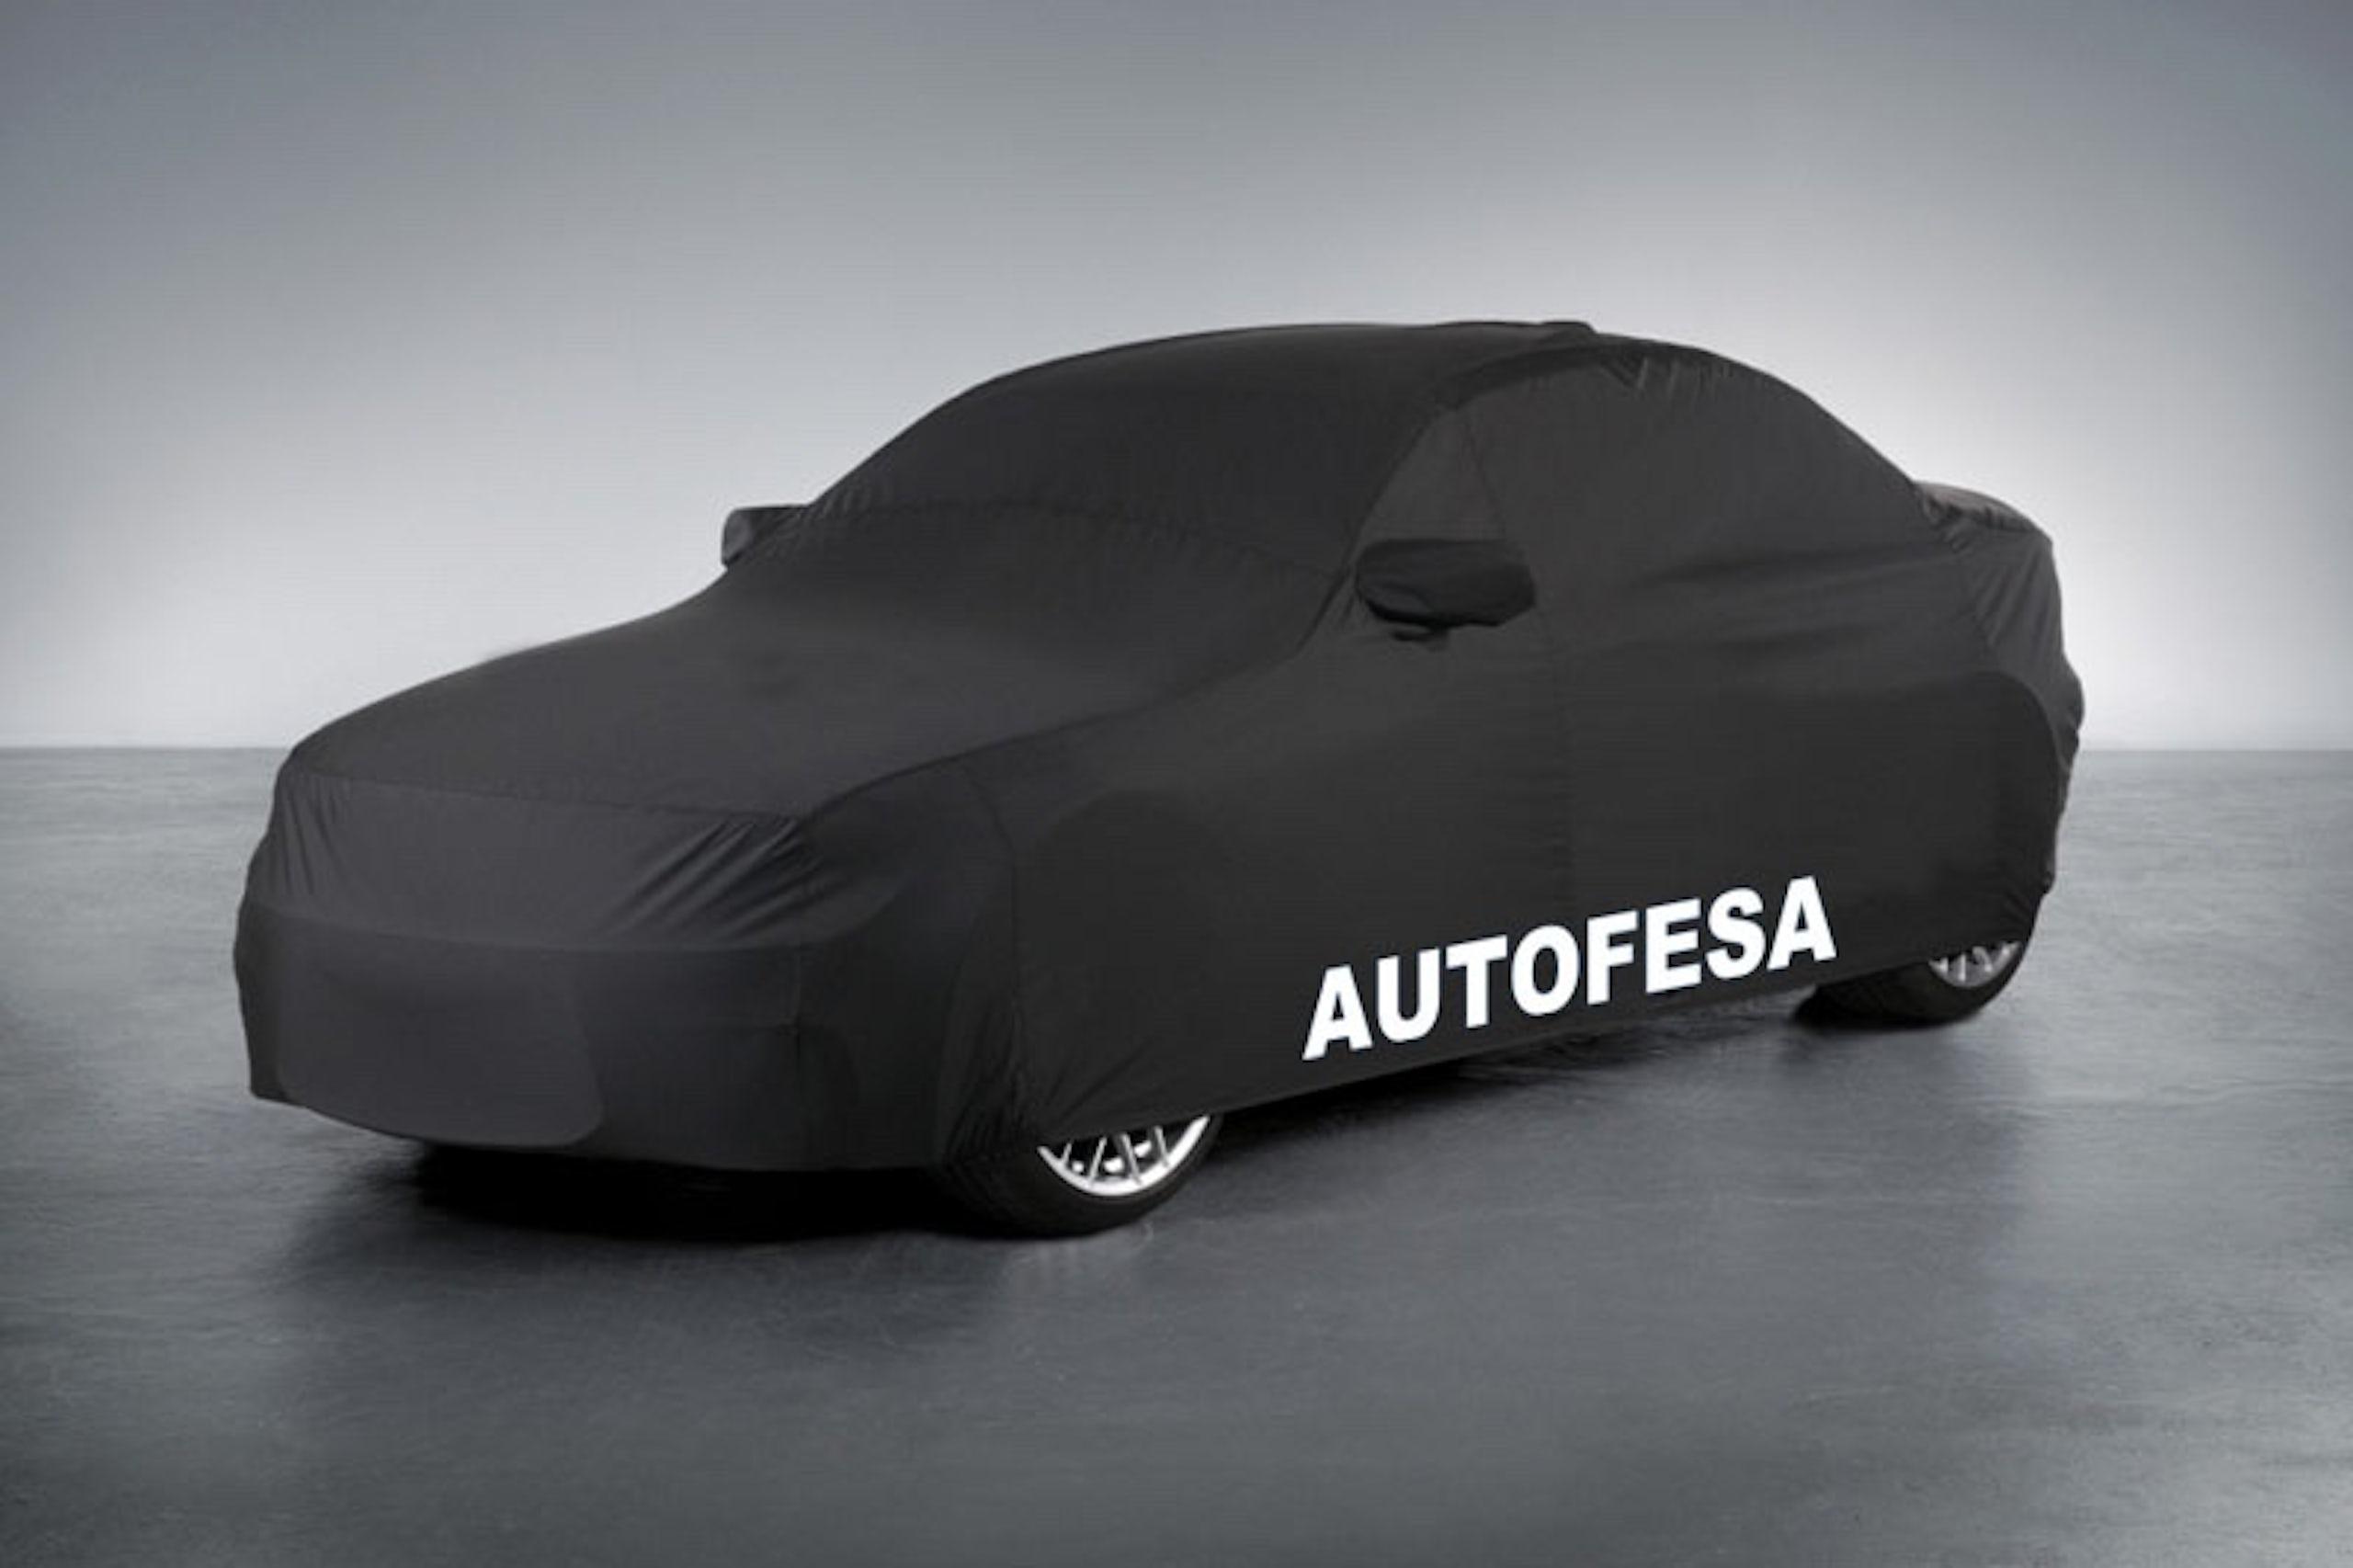 Audi Tt Roadster 2.0 TFSI 230cv quattro 2p Stronic Auto  S/S - Foto 28